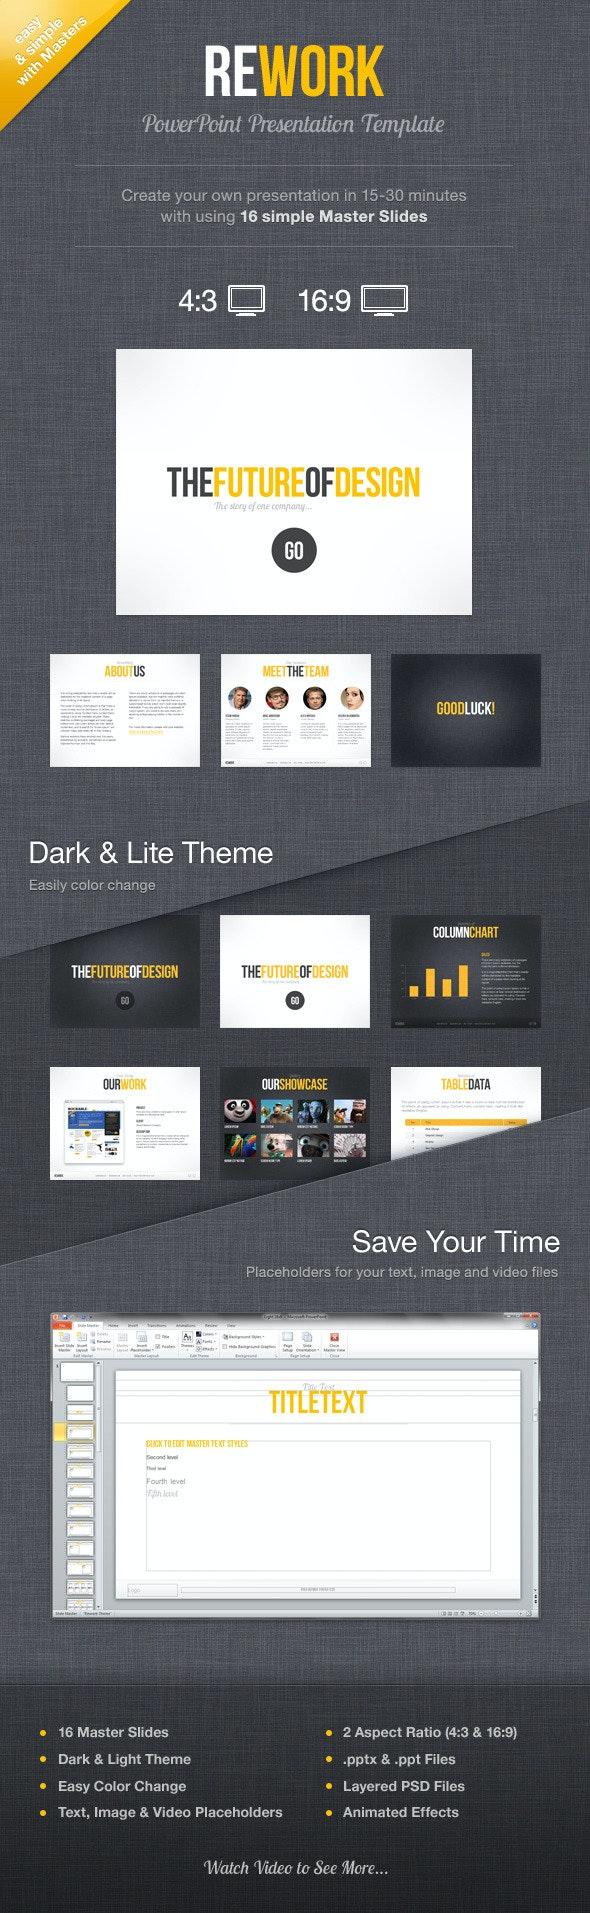 Rework PowerPoint Presentation Template - PowerPoint Templates Presentation Templates